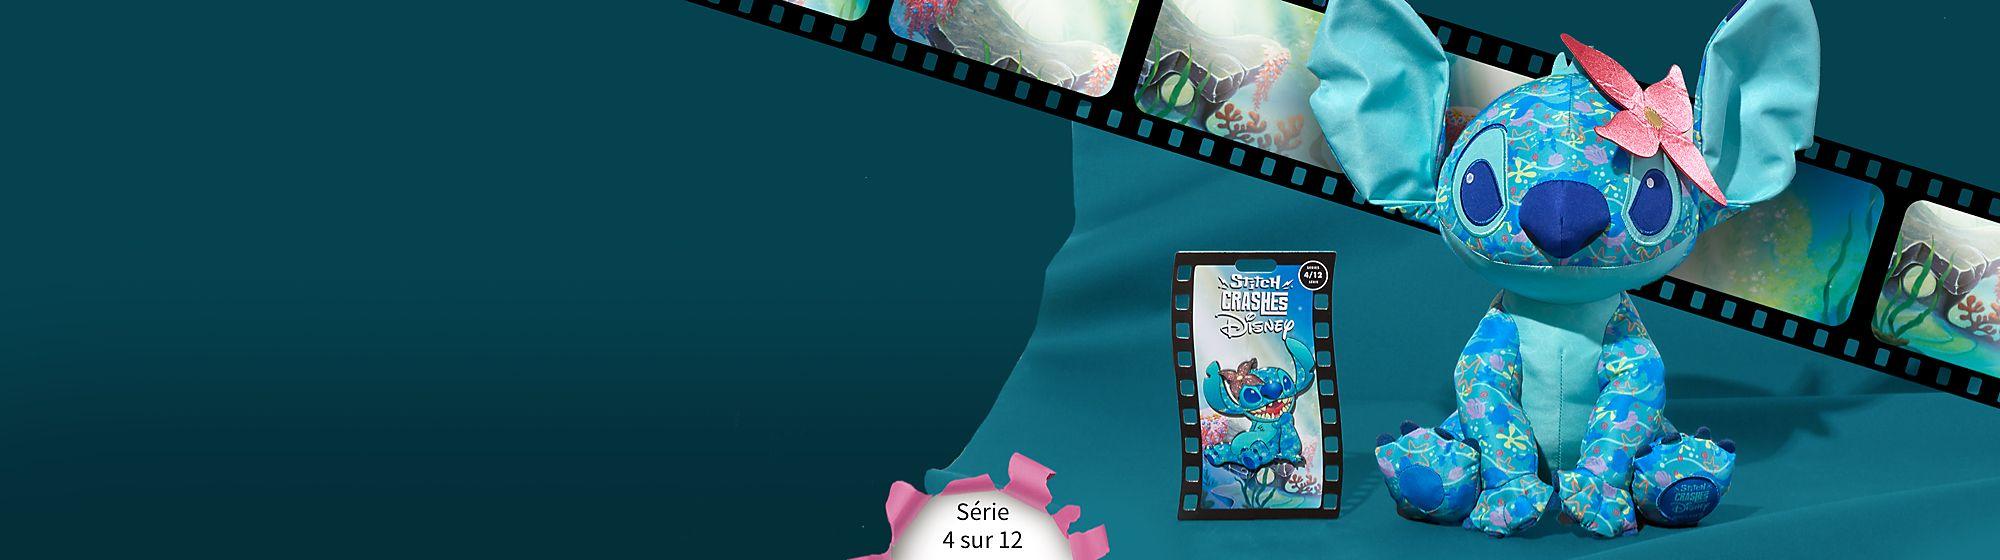 Stitch s'incruste dans La Petite Sirène Collectionnez le pin's et la peluche de la série 4 sur 12 en édition limitée